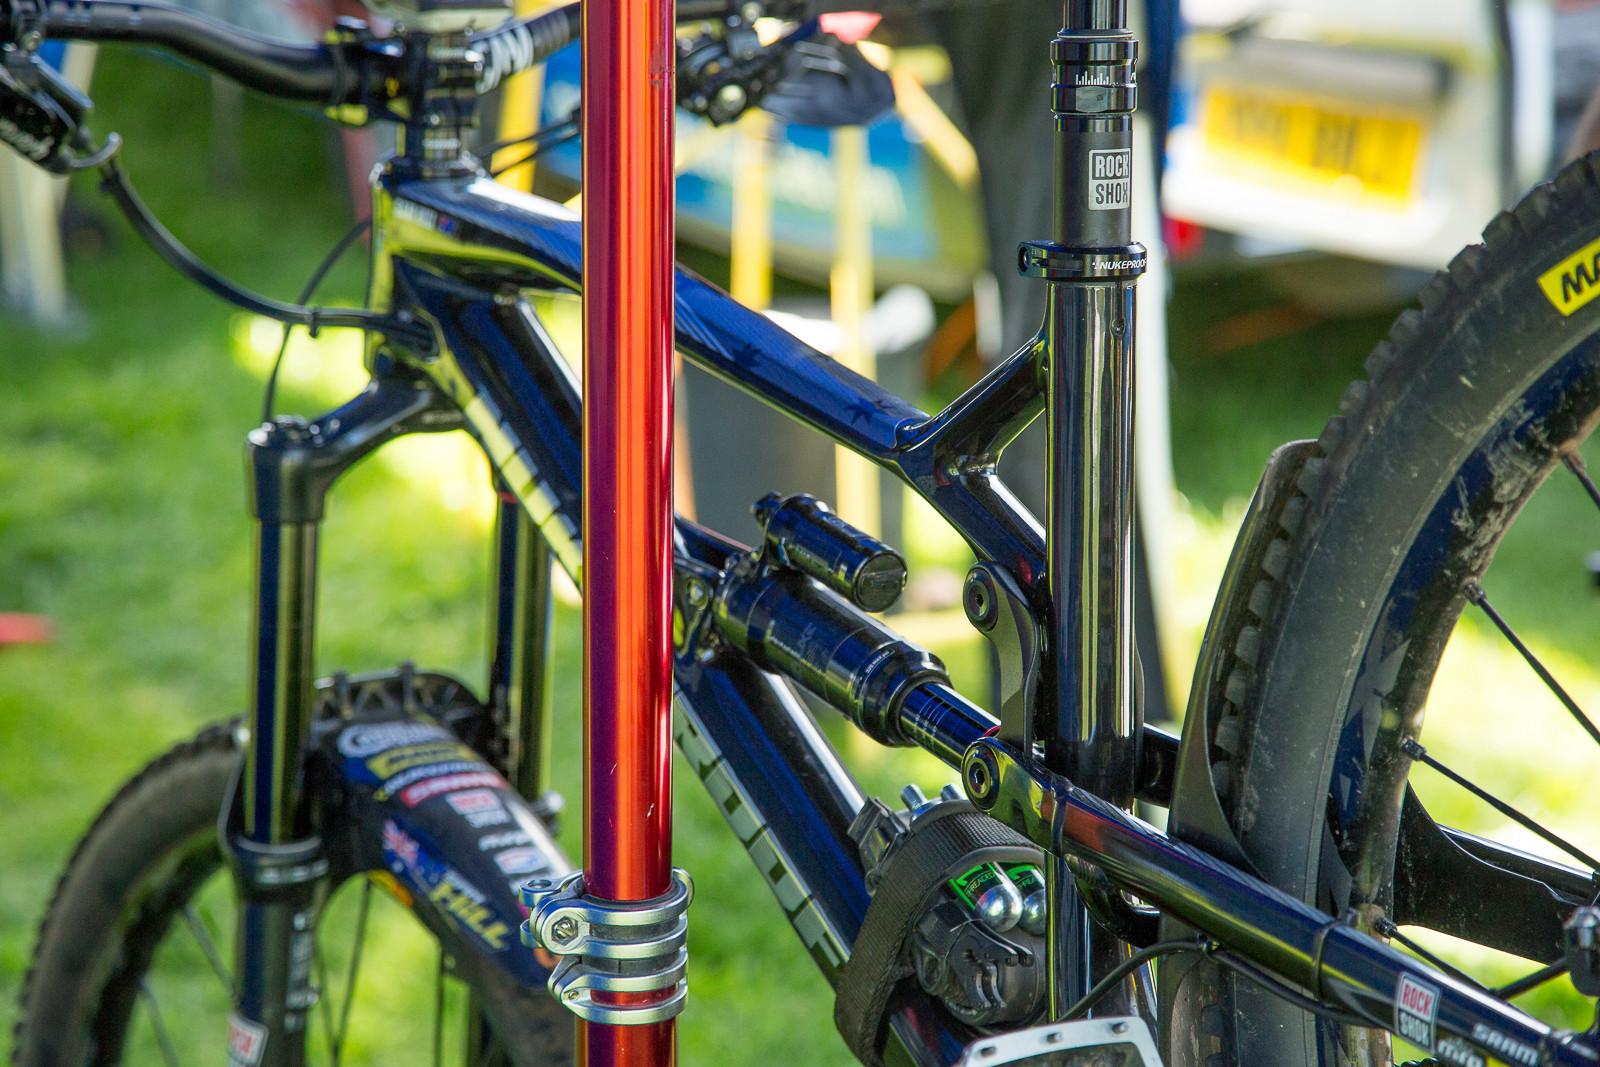 Sam Hill's Prototype Carbon Nukeproof Mega Bike - 2017 Emerald Enduro EWS Pit Bits - Mountain Biking Pictures - Vital MTB